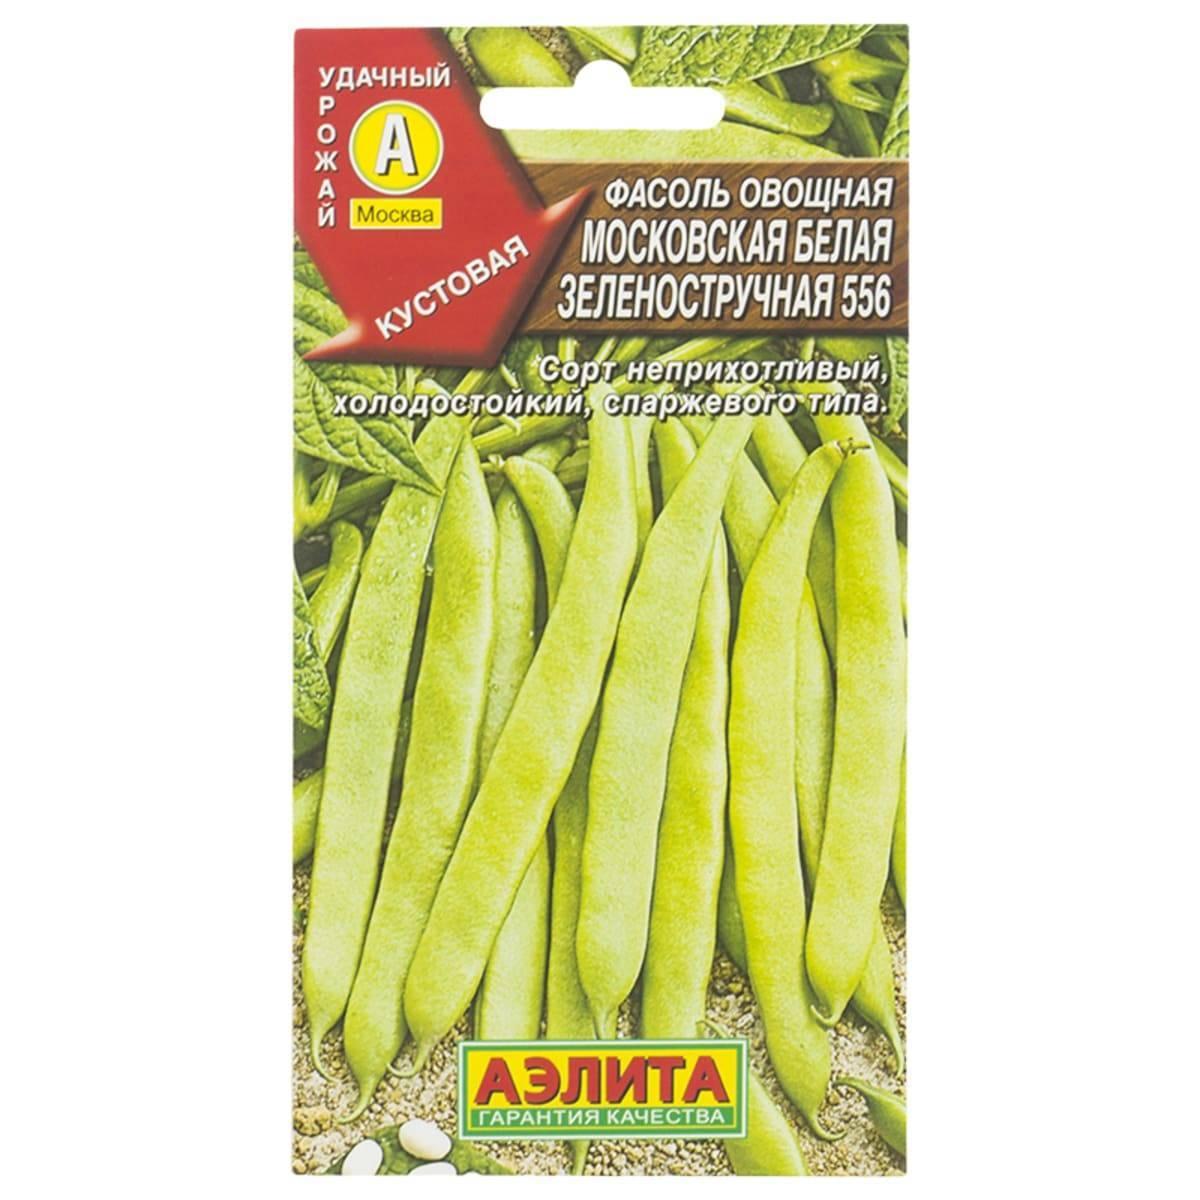 Сорт фасоли московская белая зеленостручная 556. чудеса урожайности